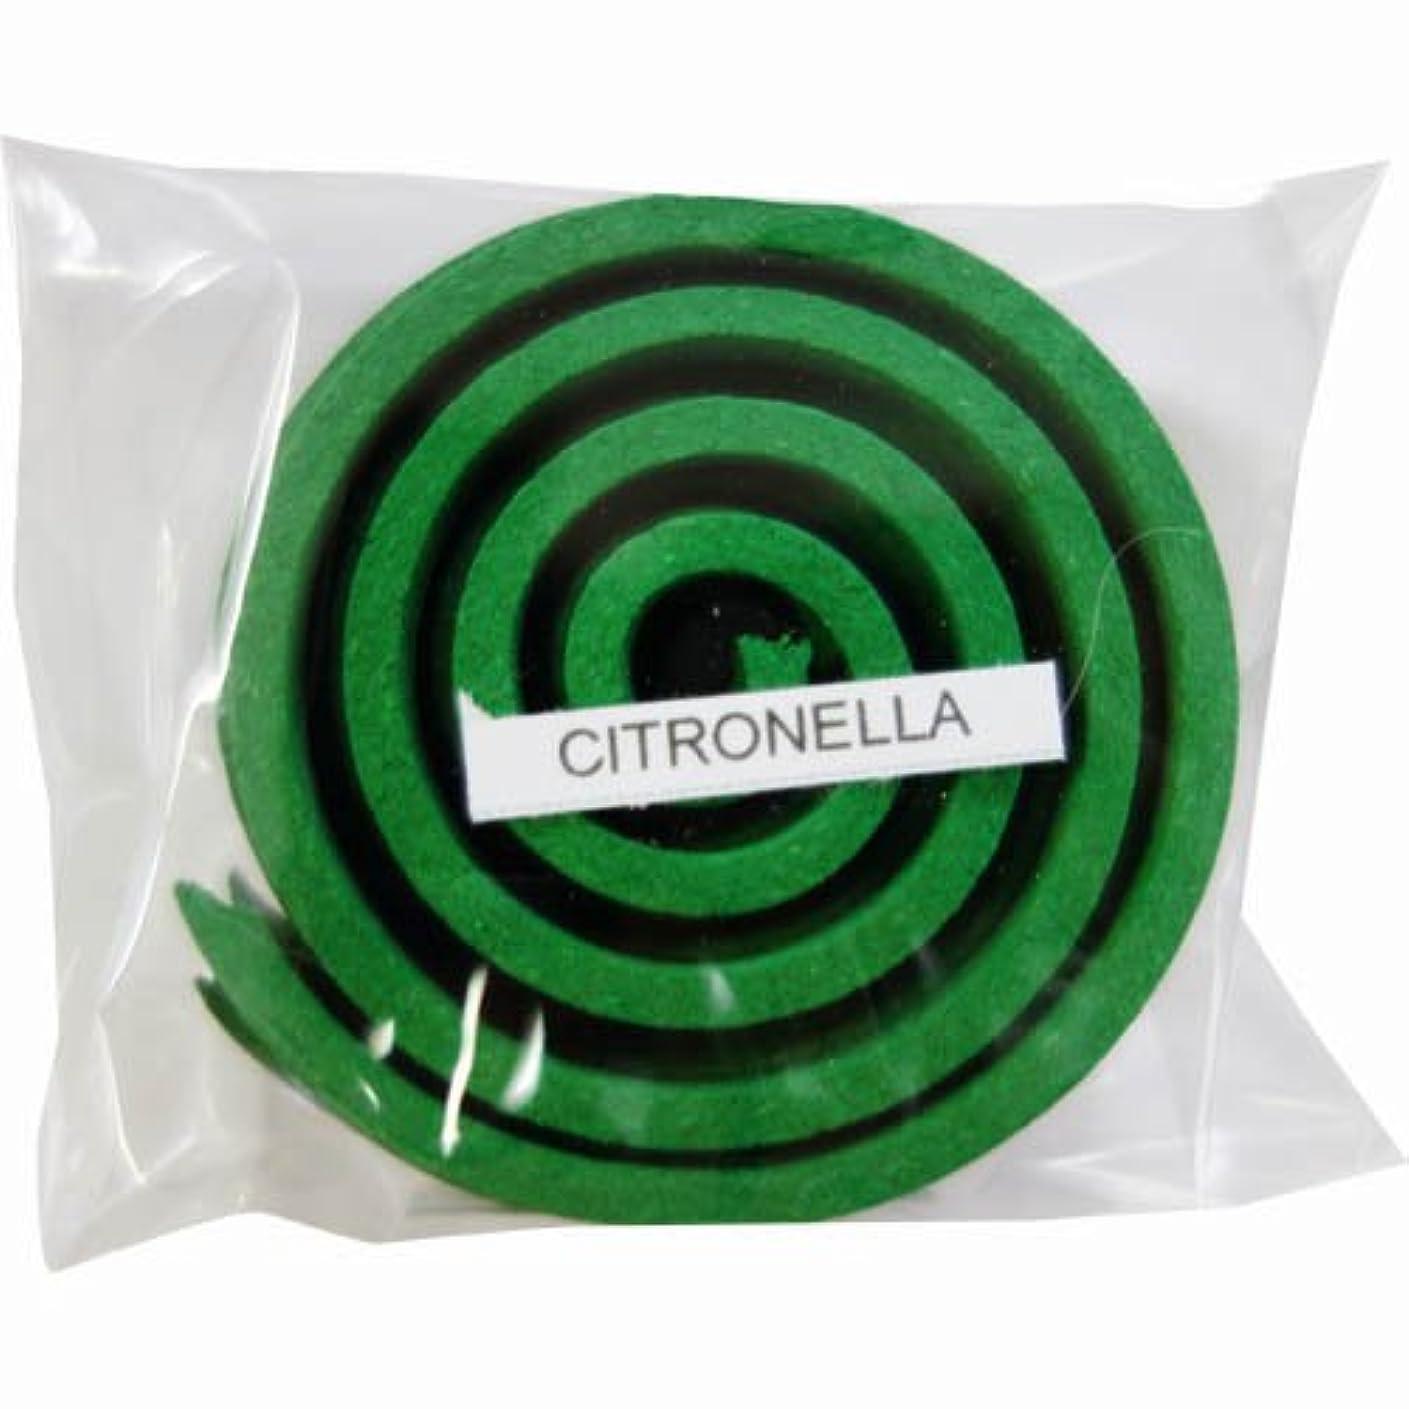 ガソリン飛び込む積極的にお香/うずまき香 CITRONELLA シトロネラ 直径5cm×5巻セット [並行輸入品]